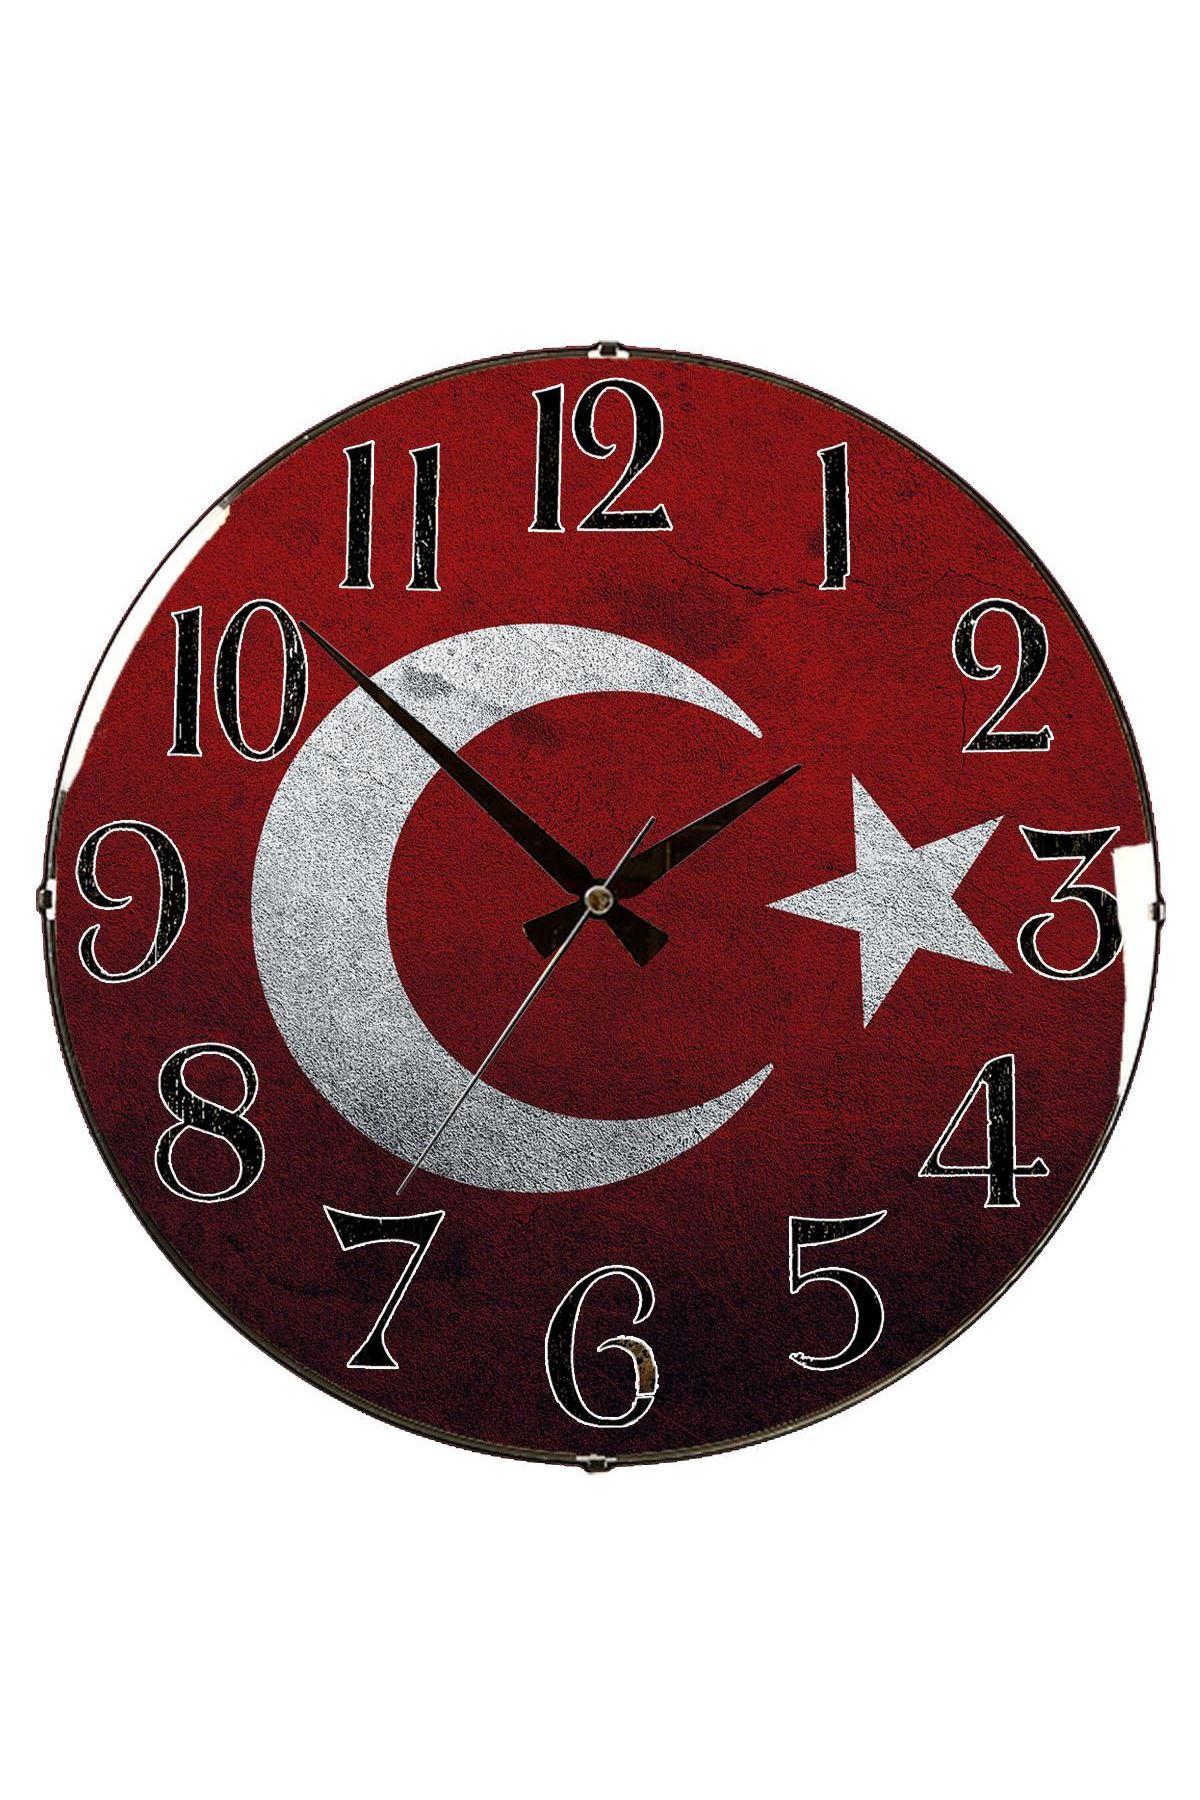 Rikon Türk Bayrağı Dekoratif Bombe Camlı Duvar Saati 35X35 Cm